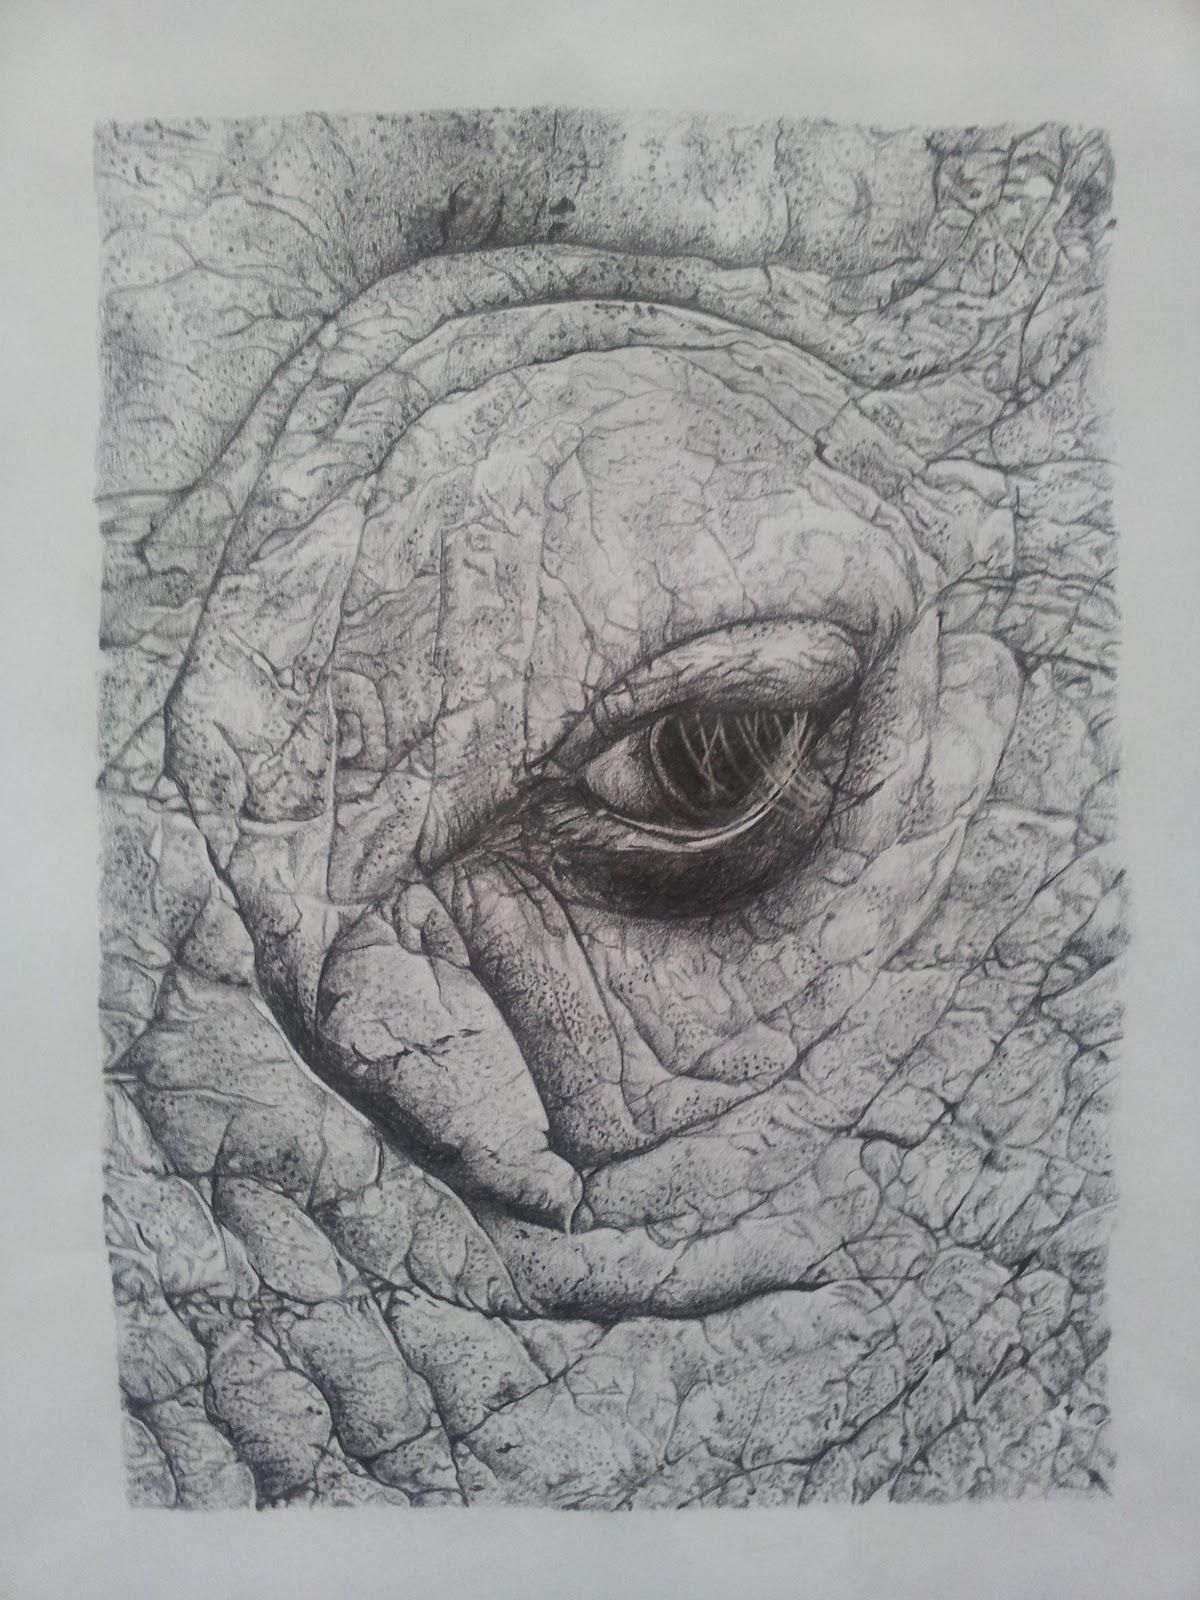 Victoria Farrance: Elephant eye